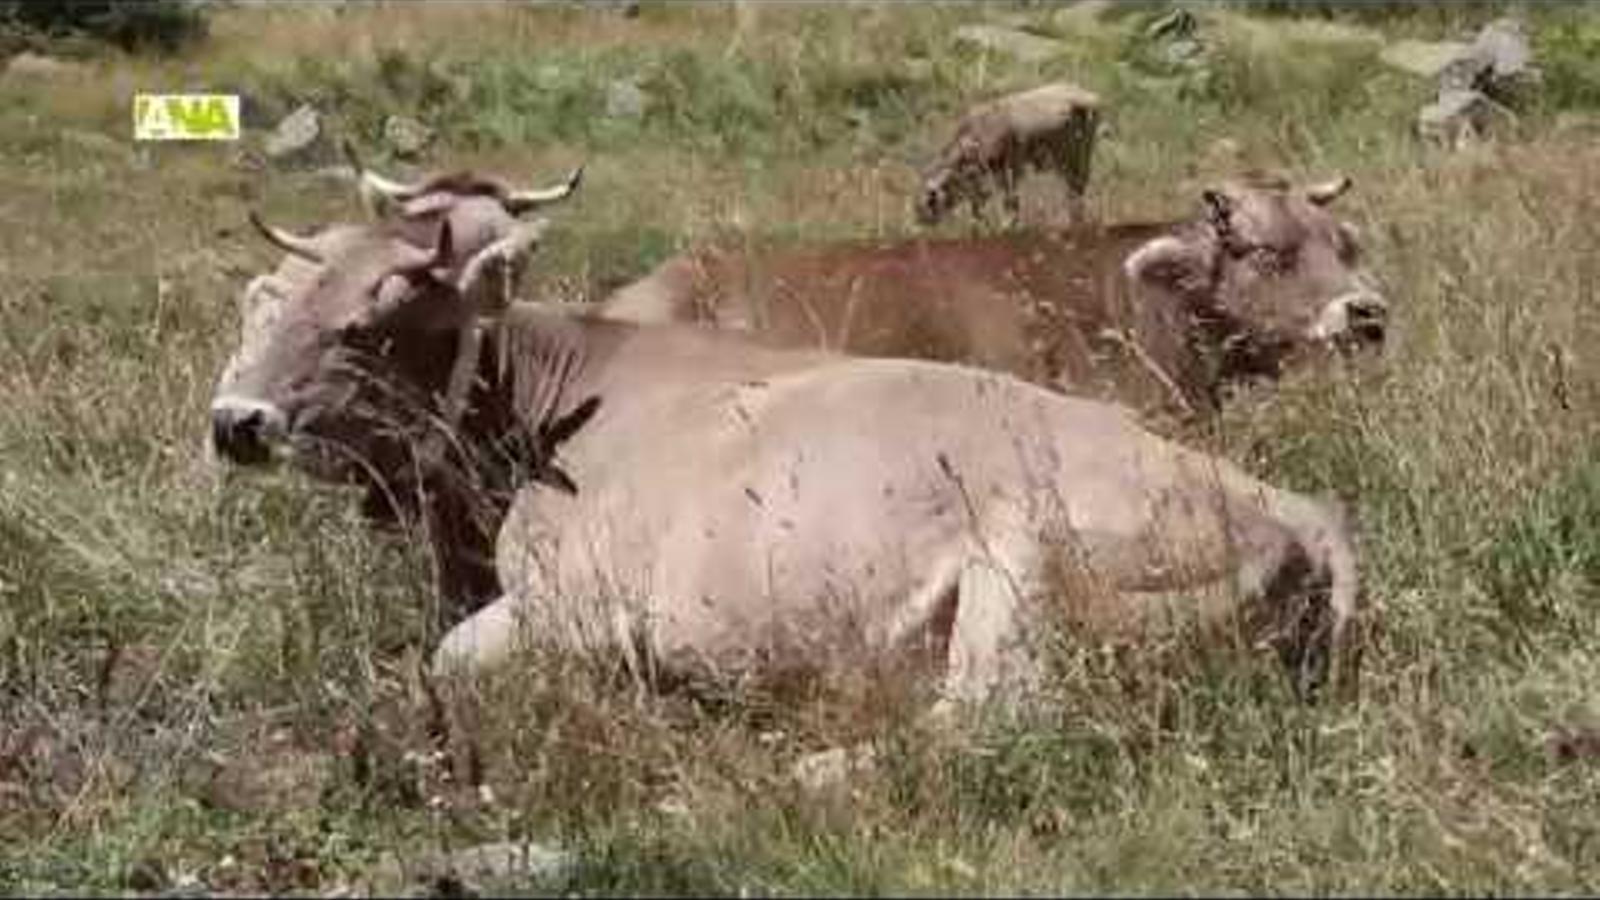 Les cases d'Ordino participen en la benedicció del bestiar a la vall de Rialb